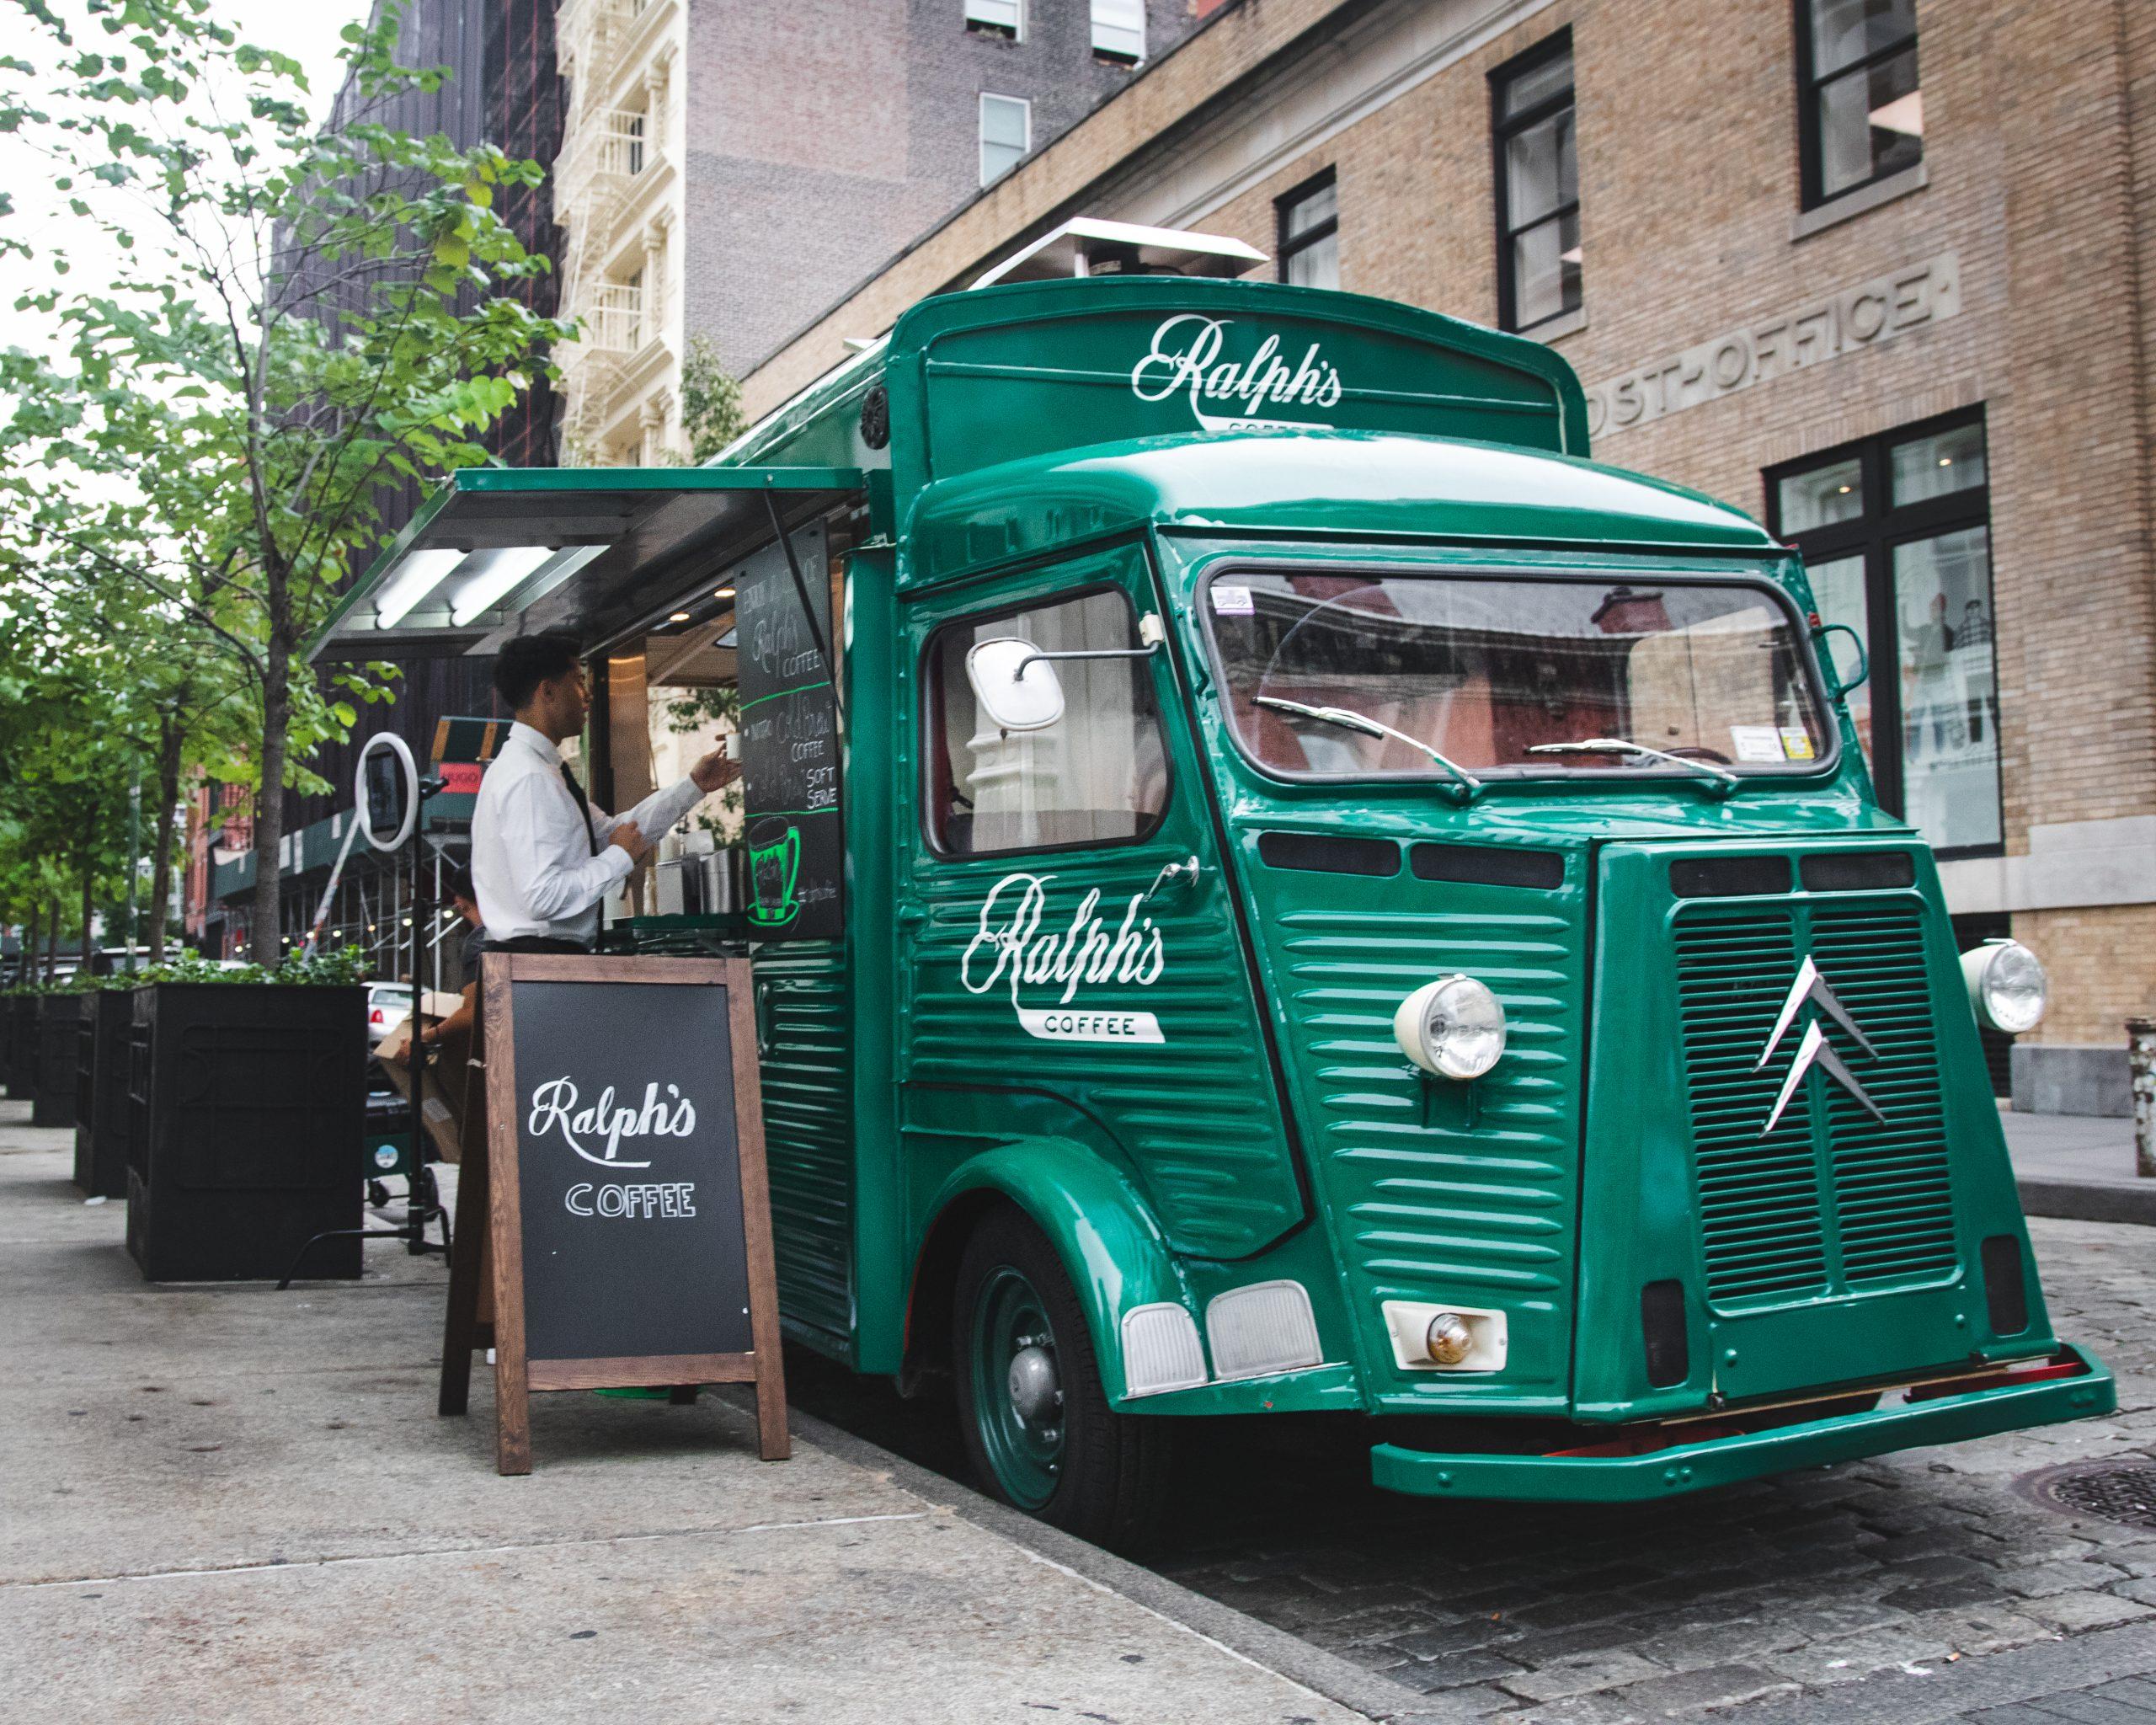 Ralph Lauren Ralphs Coffee Vintage Food Truck